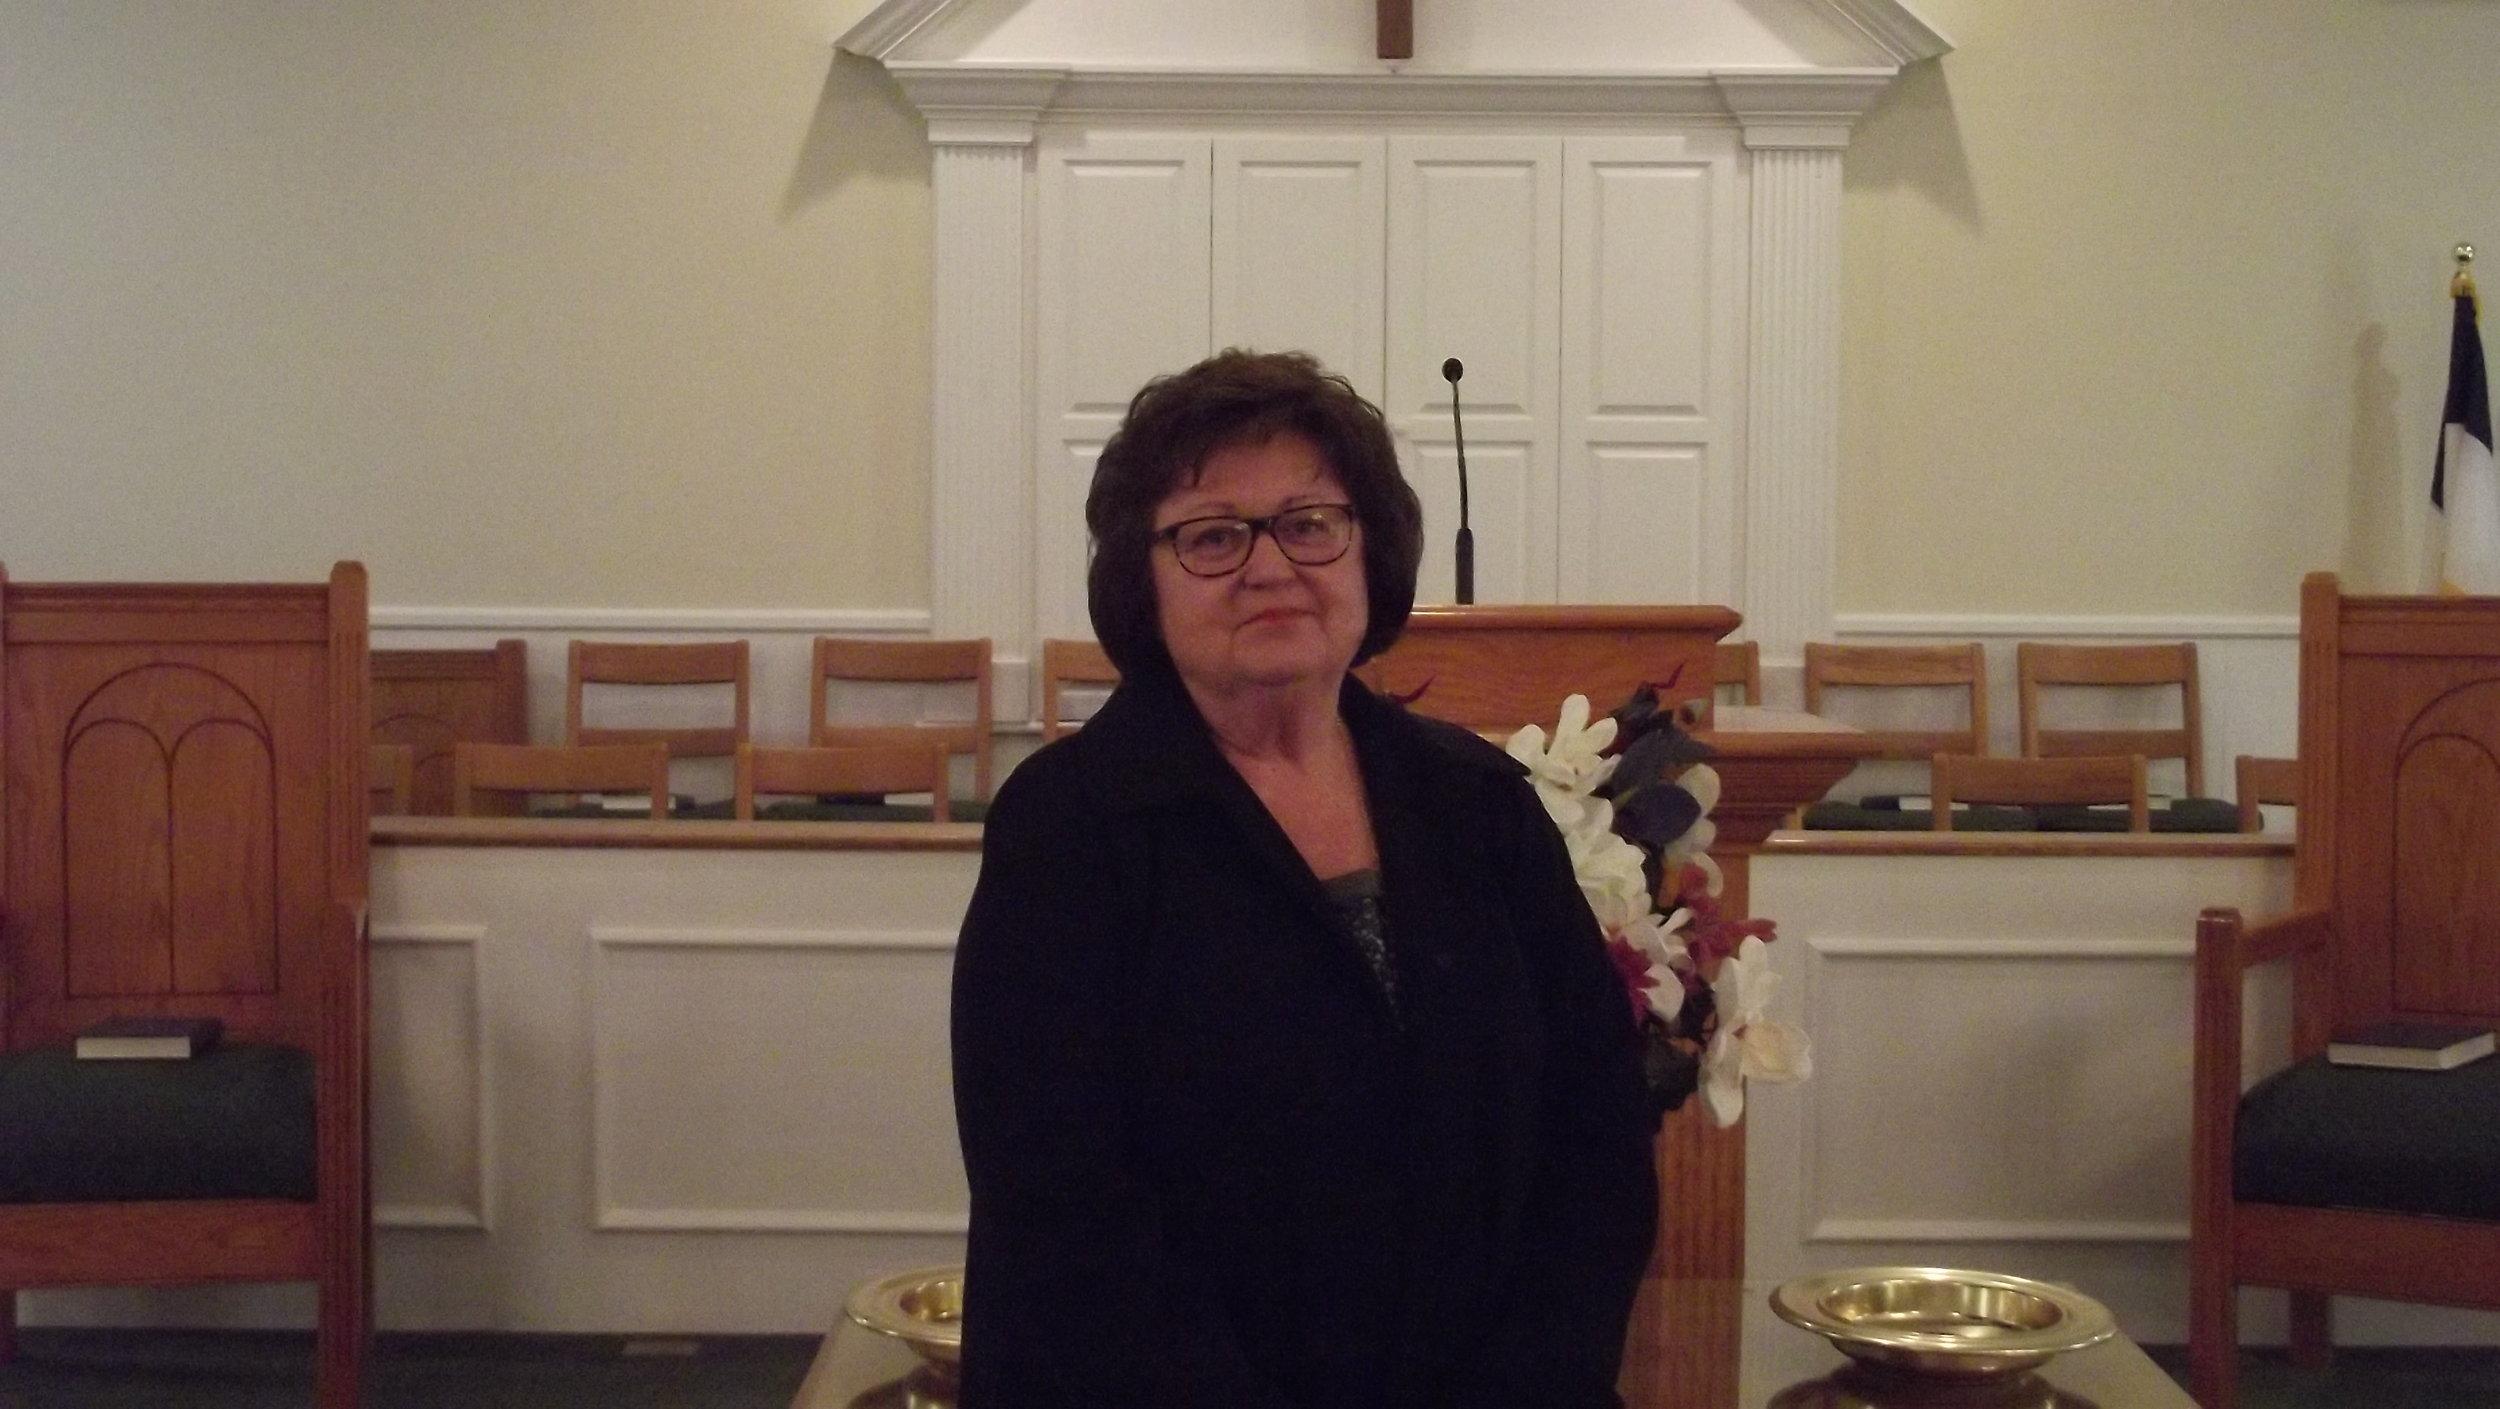 Gail Branham Children's Director